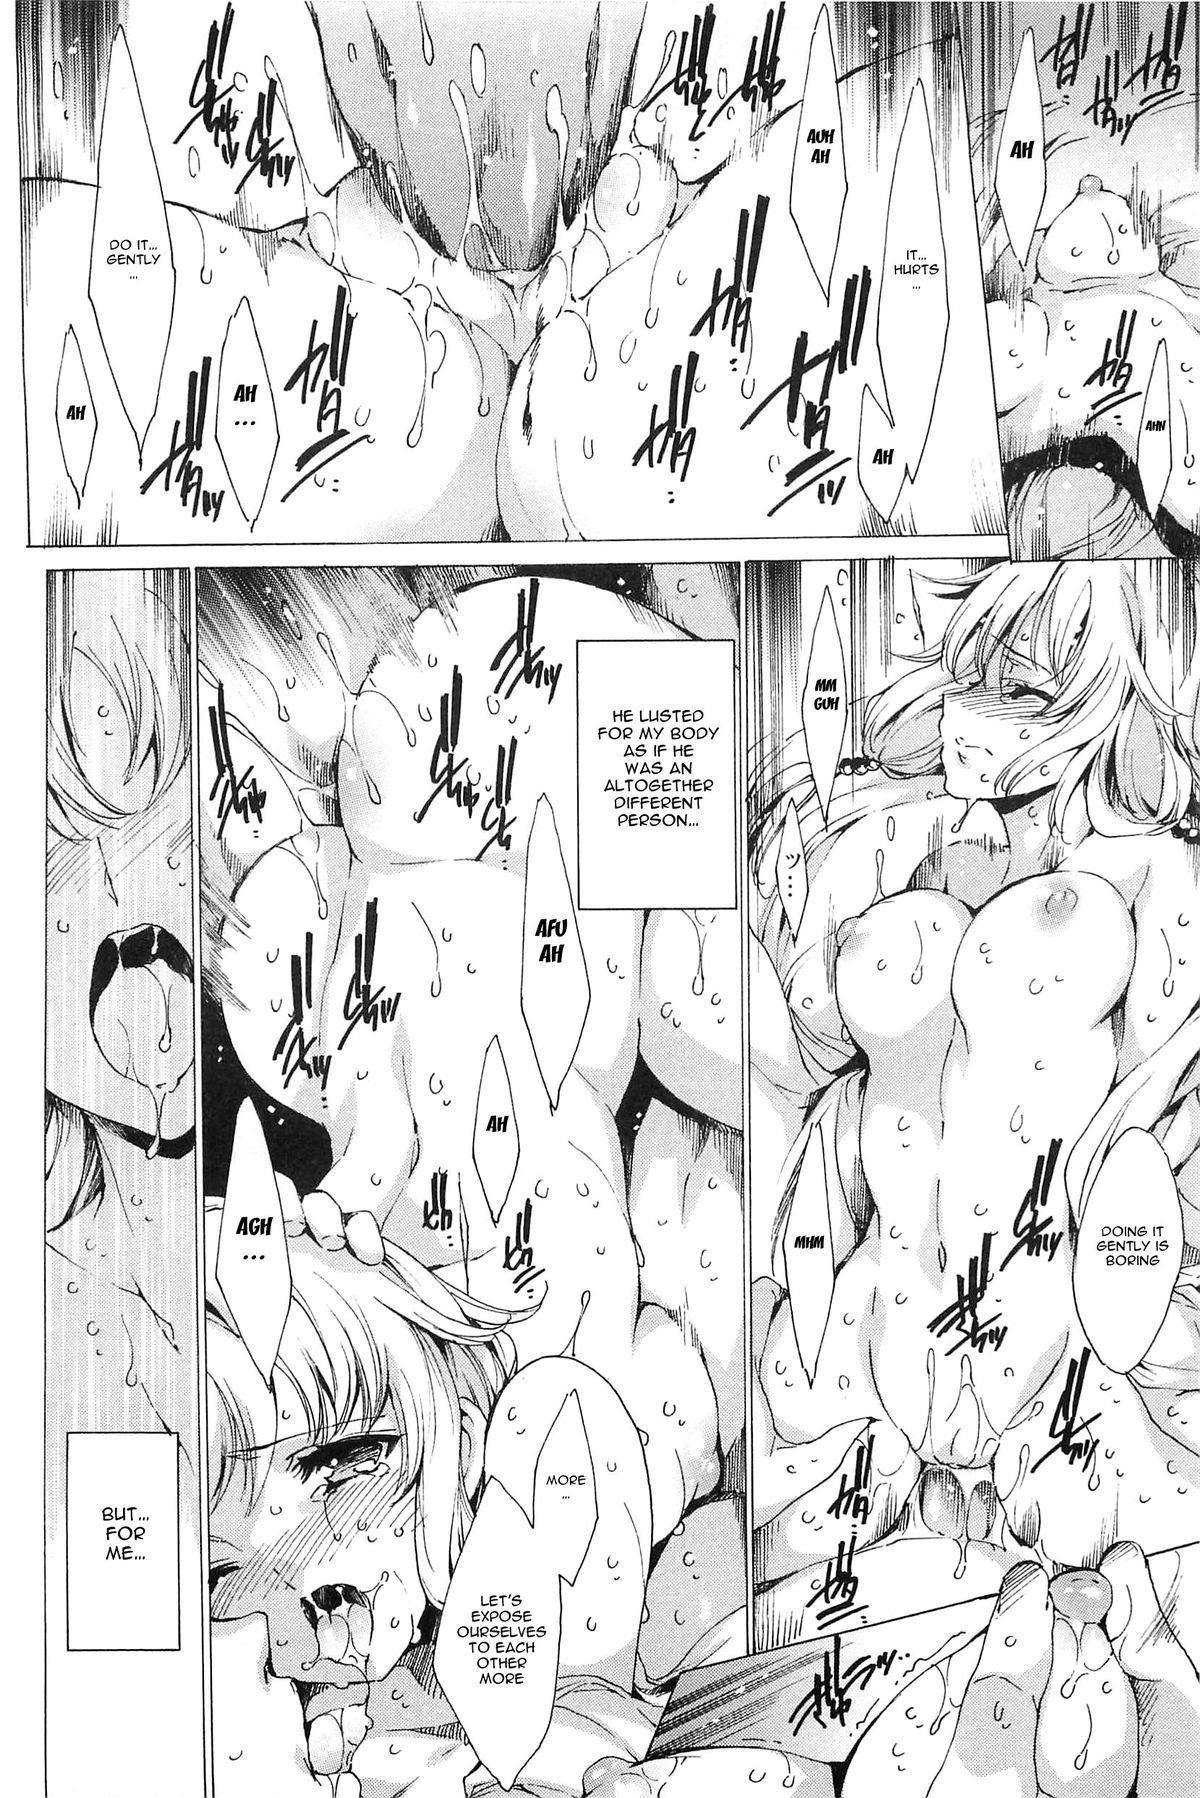 [Yuiga Naoha] Nikuyoku Rensa - NTR Kanojo   Chains of Lust - NTR Girlfriend [English] {doujin-moe.us} 223